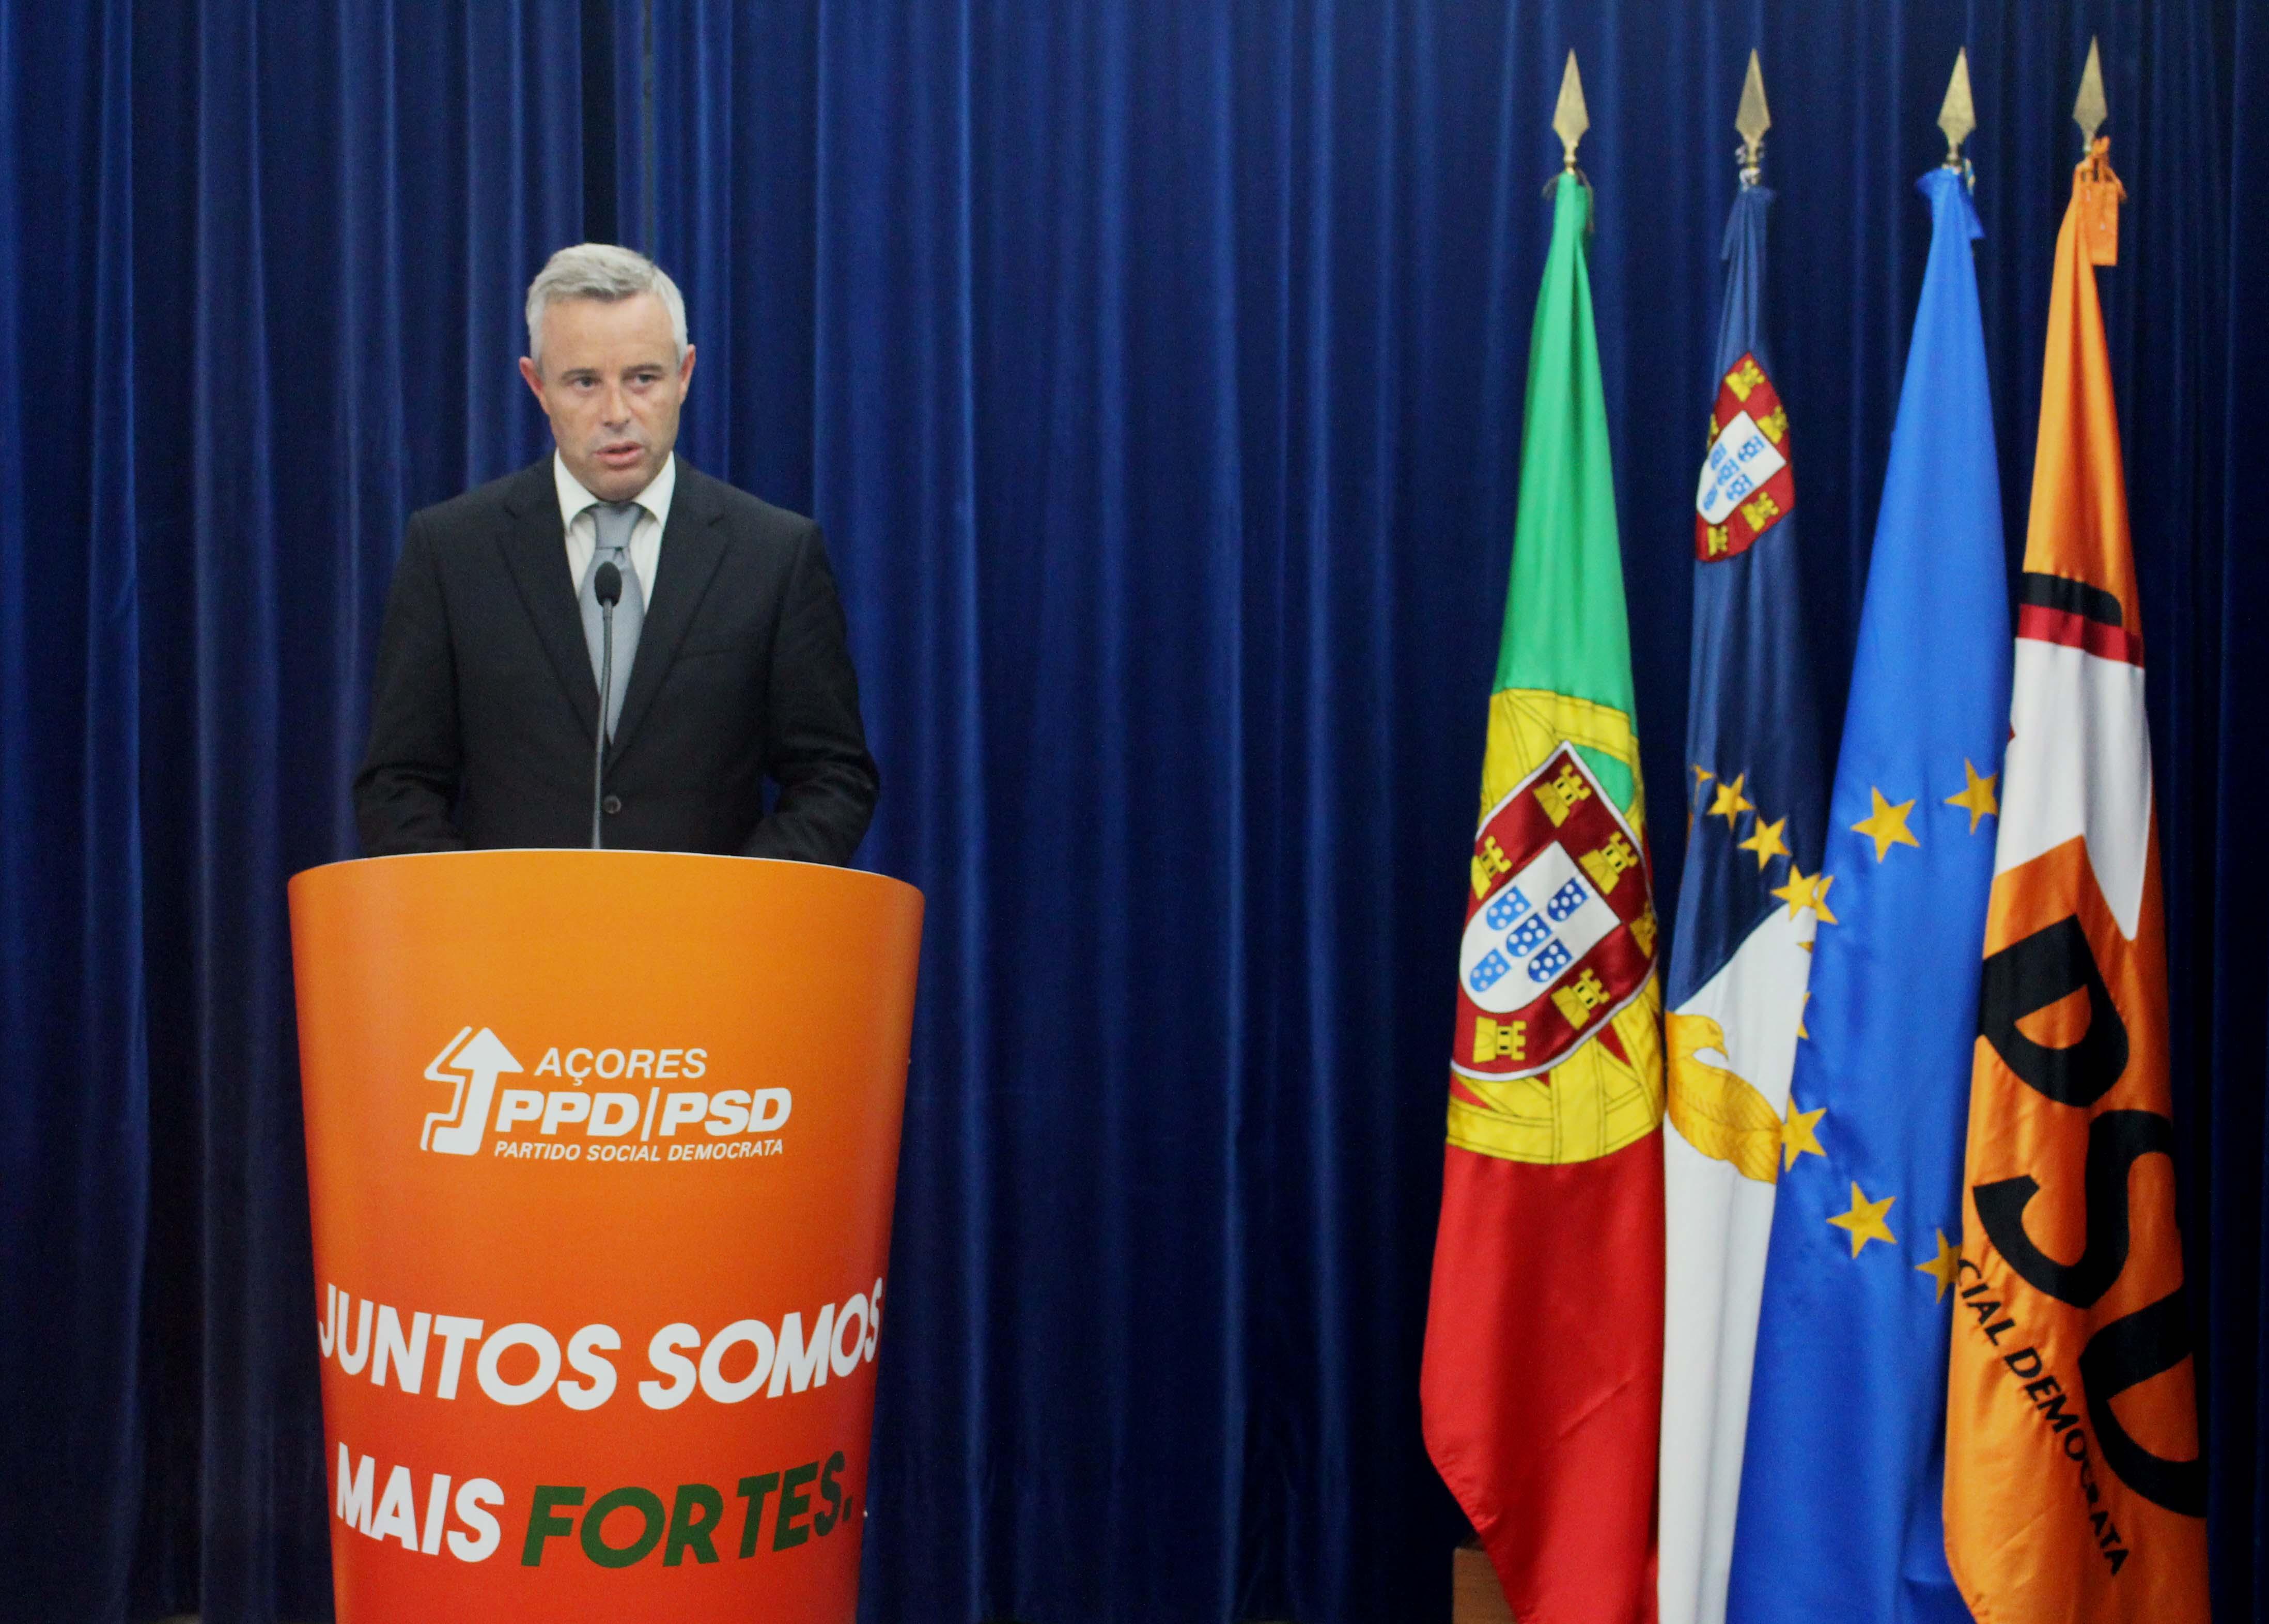 Paulo Silva oficializa candidatura à presidência do PPD/PSD Açores